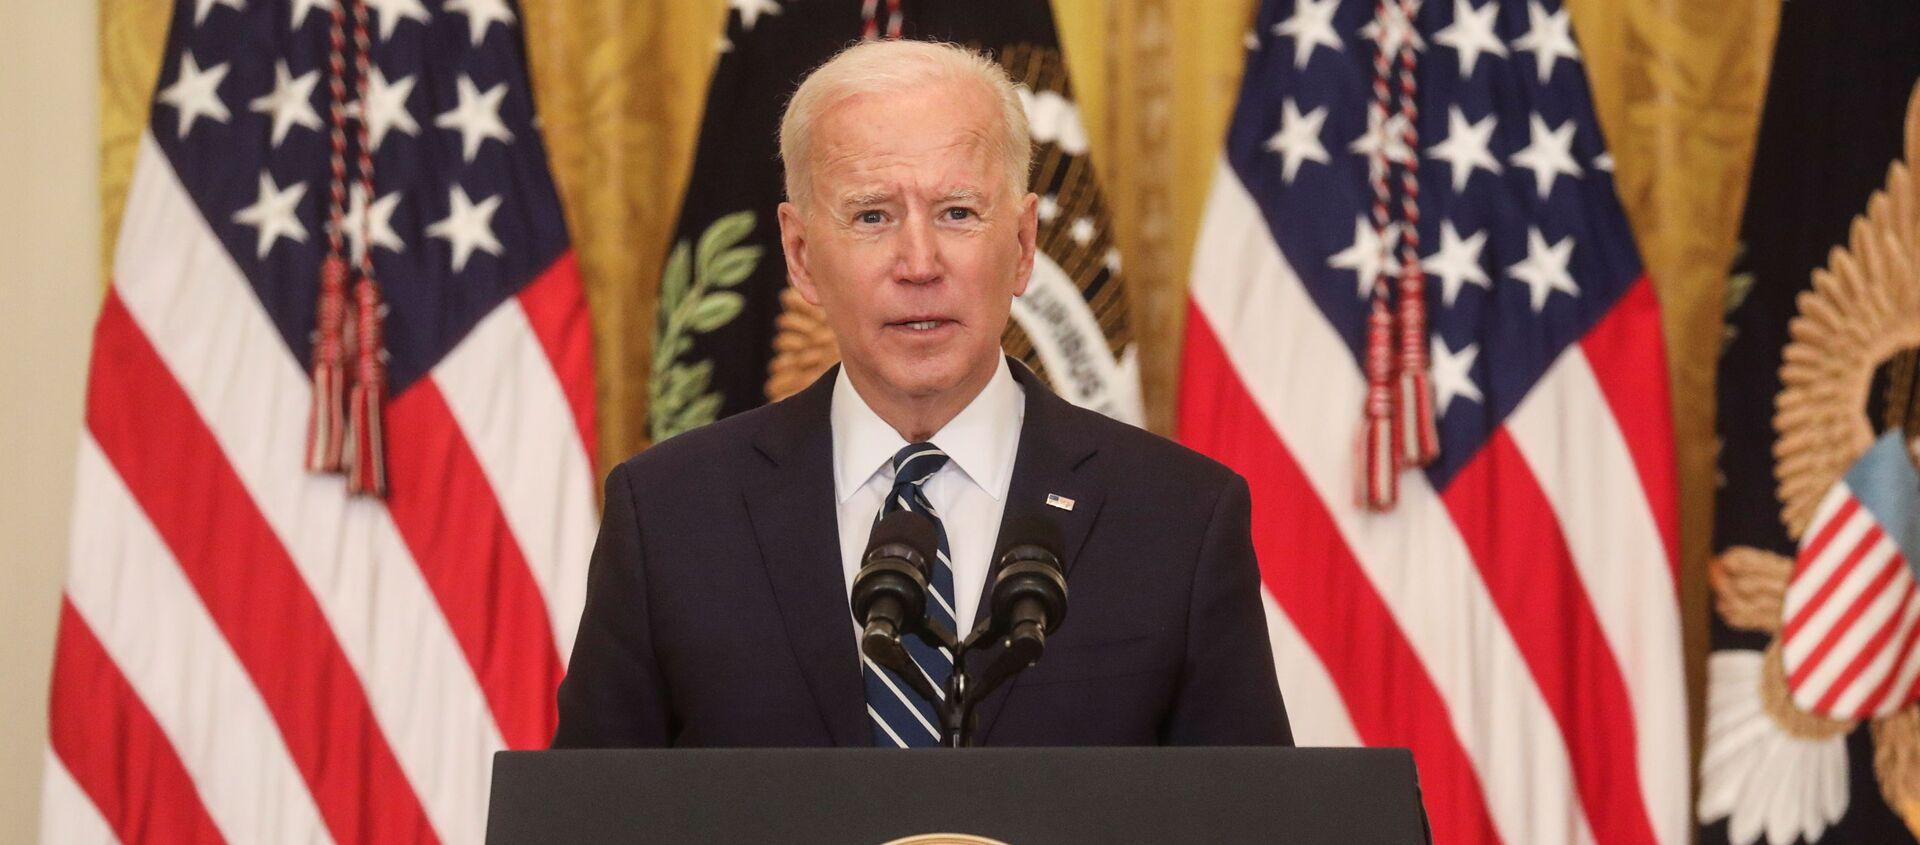 Tổng thống Mỹ Joe Biden phát biểu tại Nhà Trắng trong cuộc họp báo đầu tiên trên cương vị Nguyên thủ quốc gia - Sputnik Việt Nam, 1920, 26.03.2021